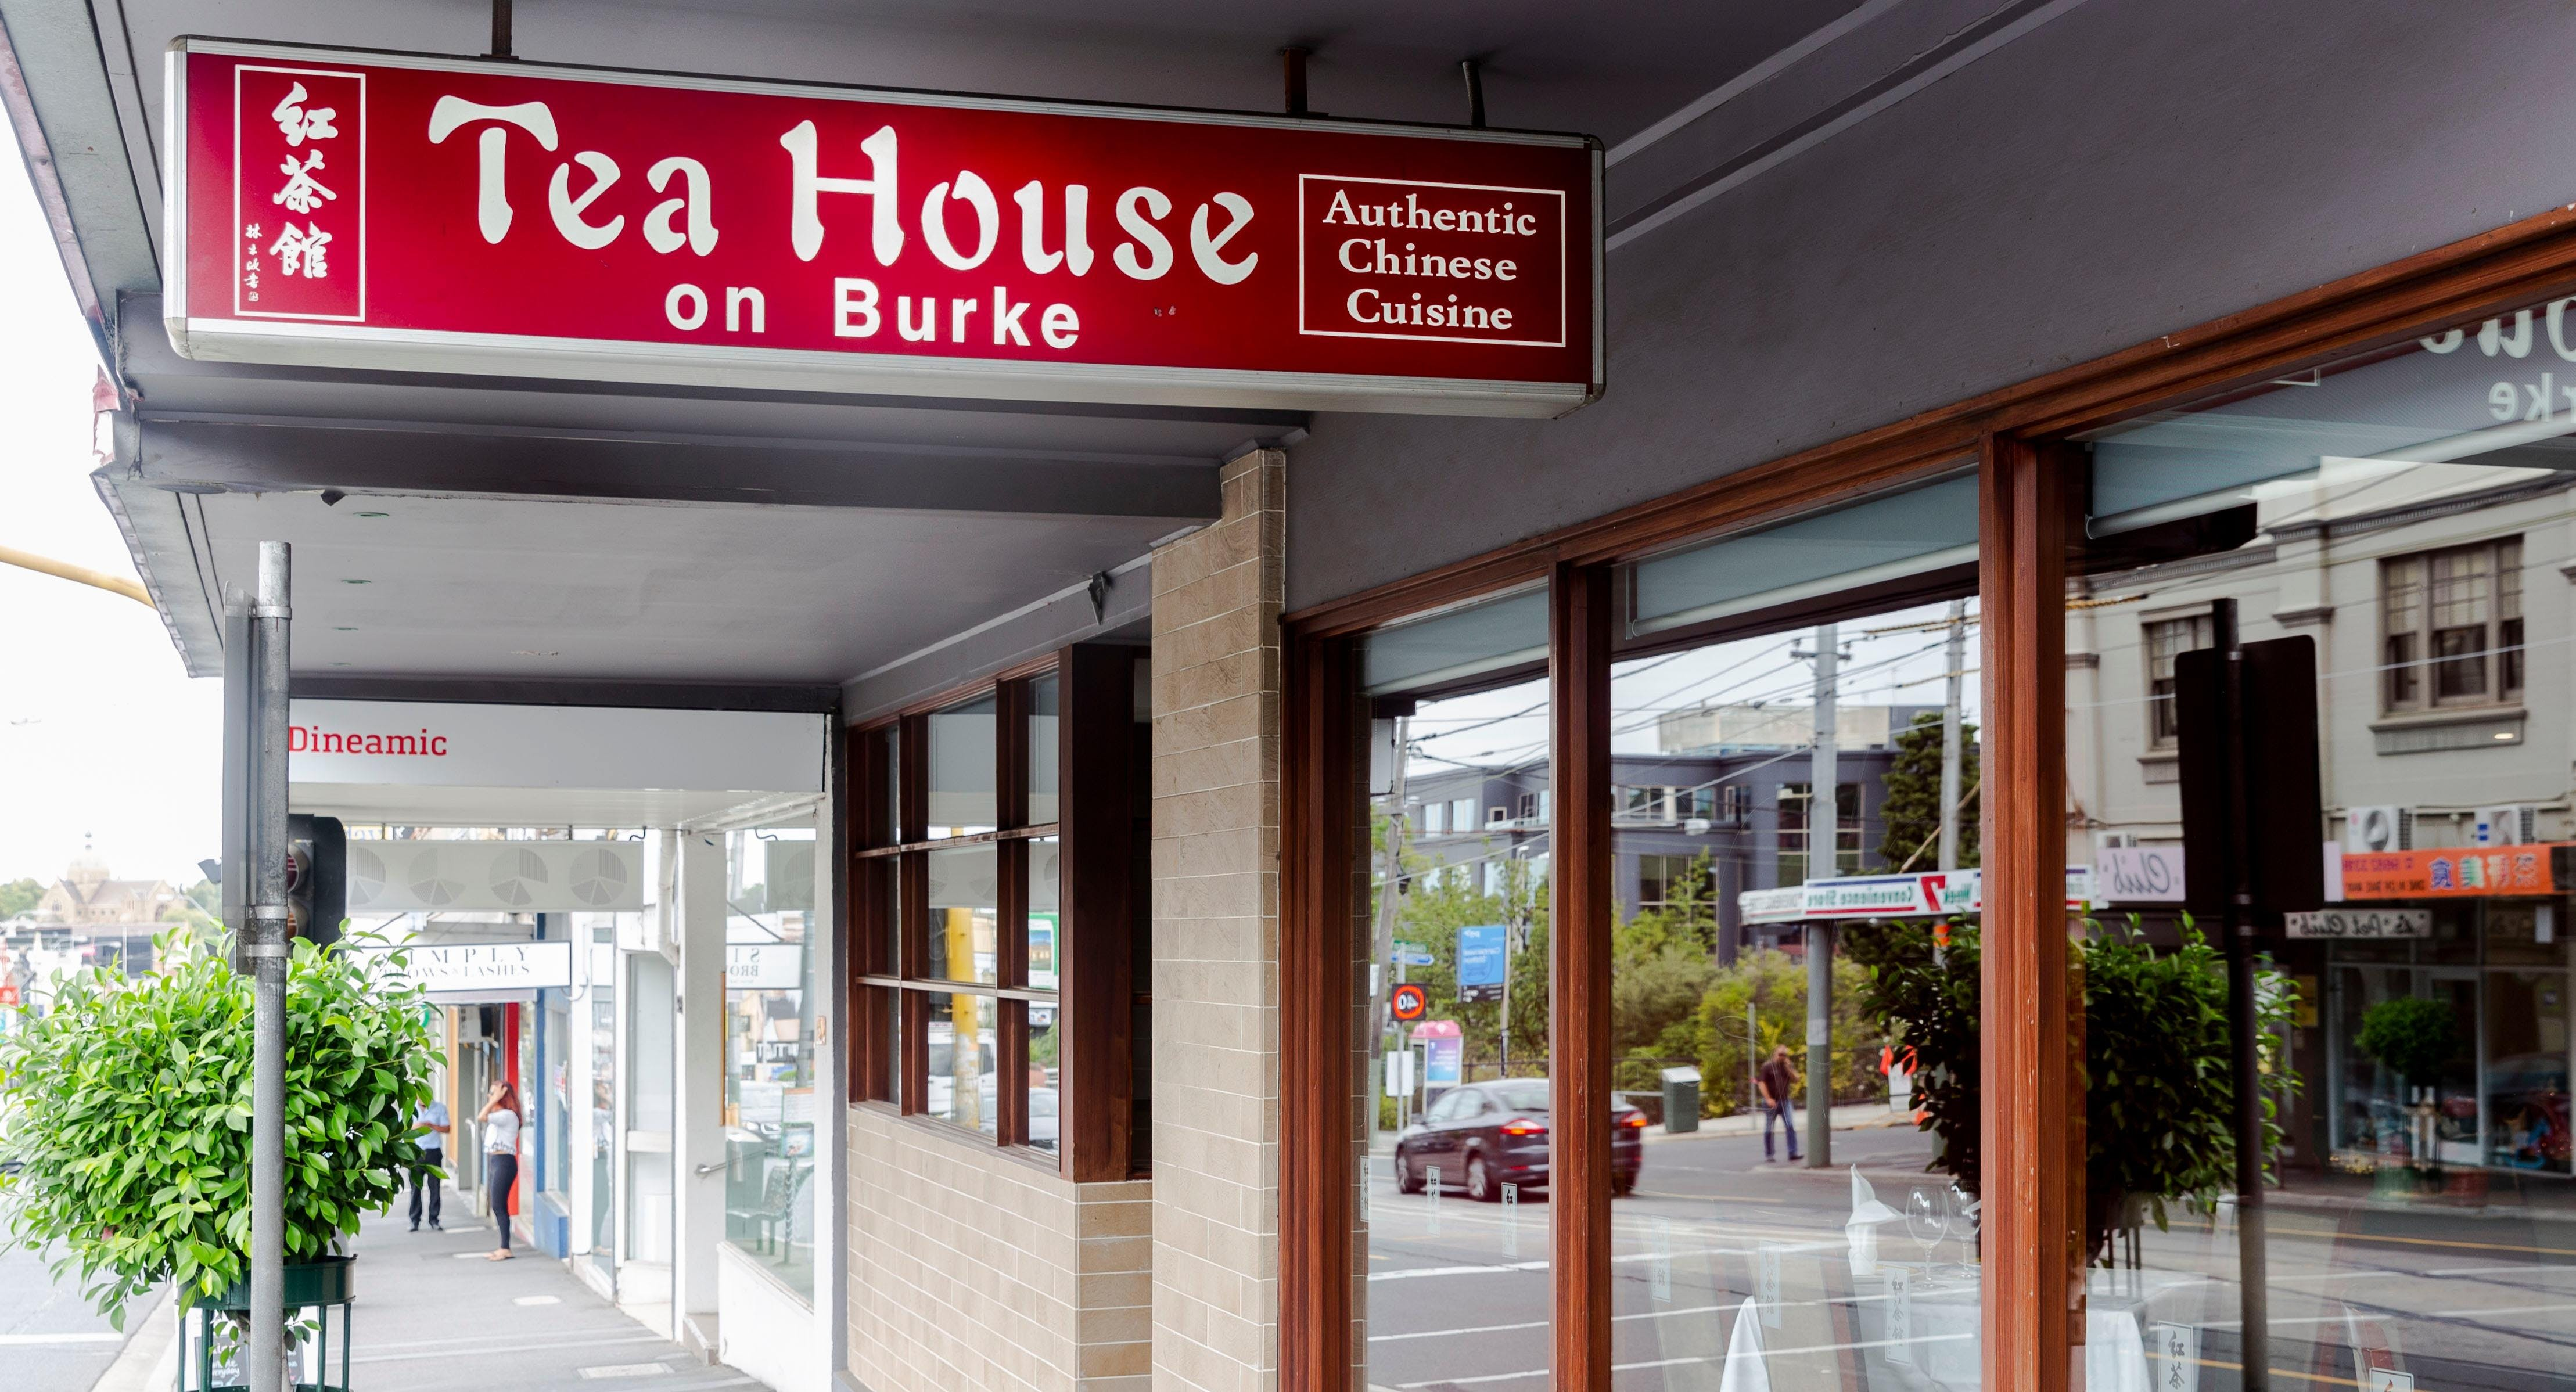 Tea House On Burke